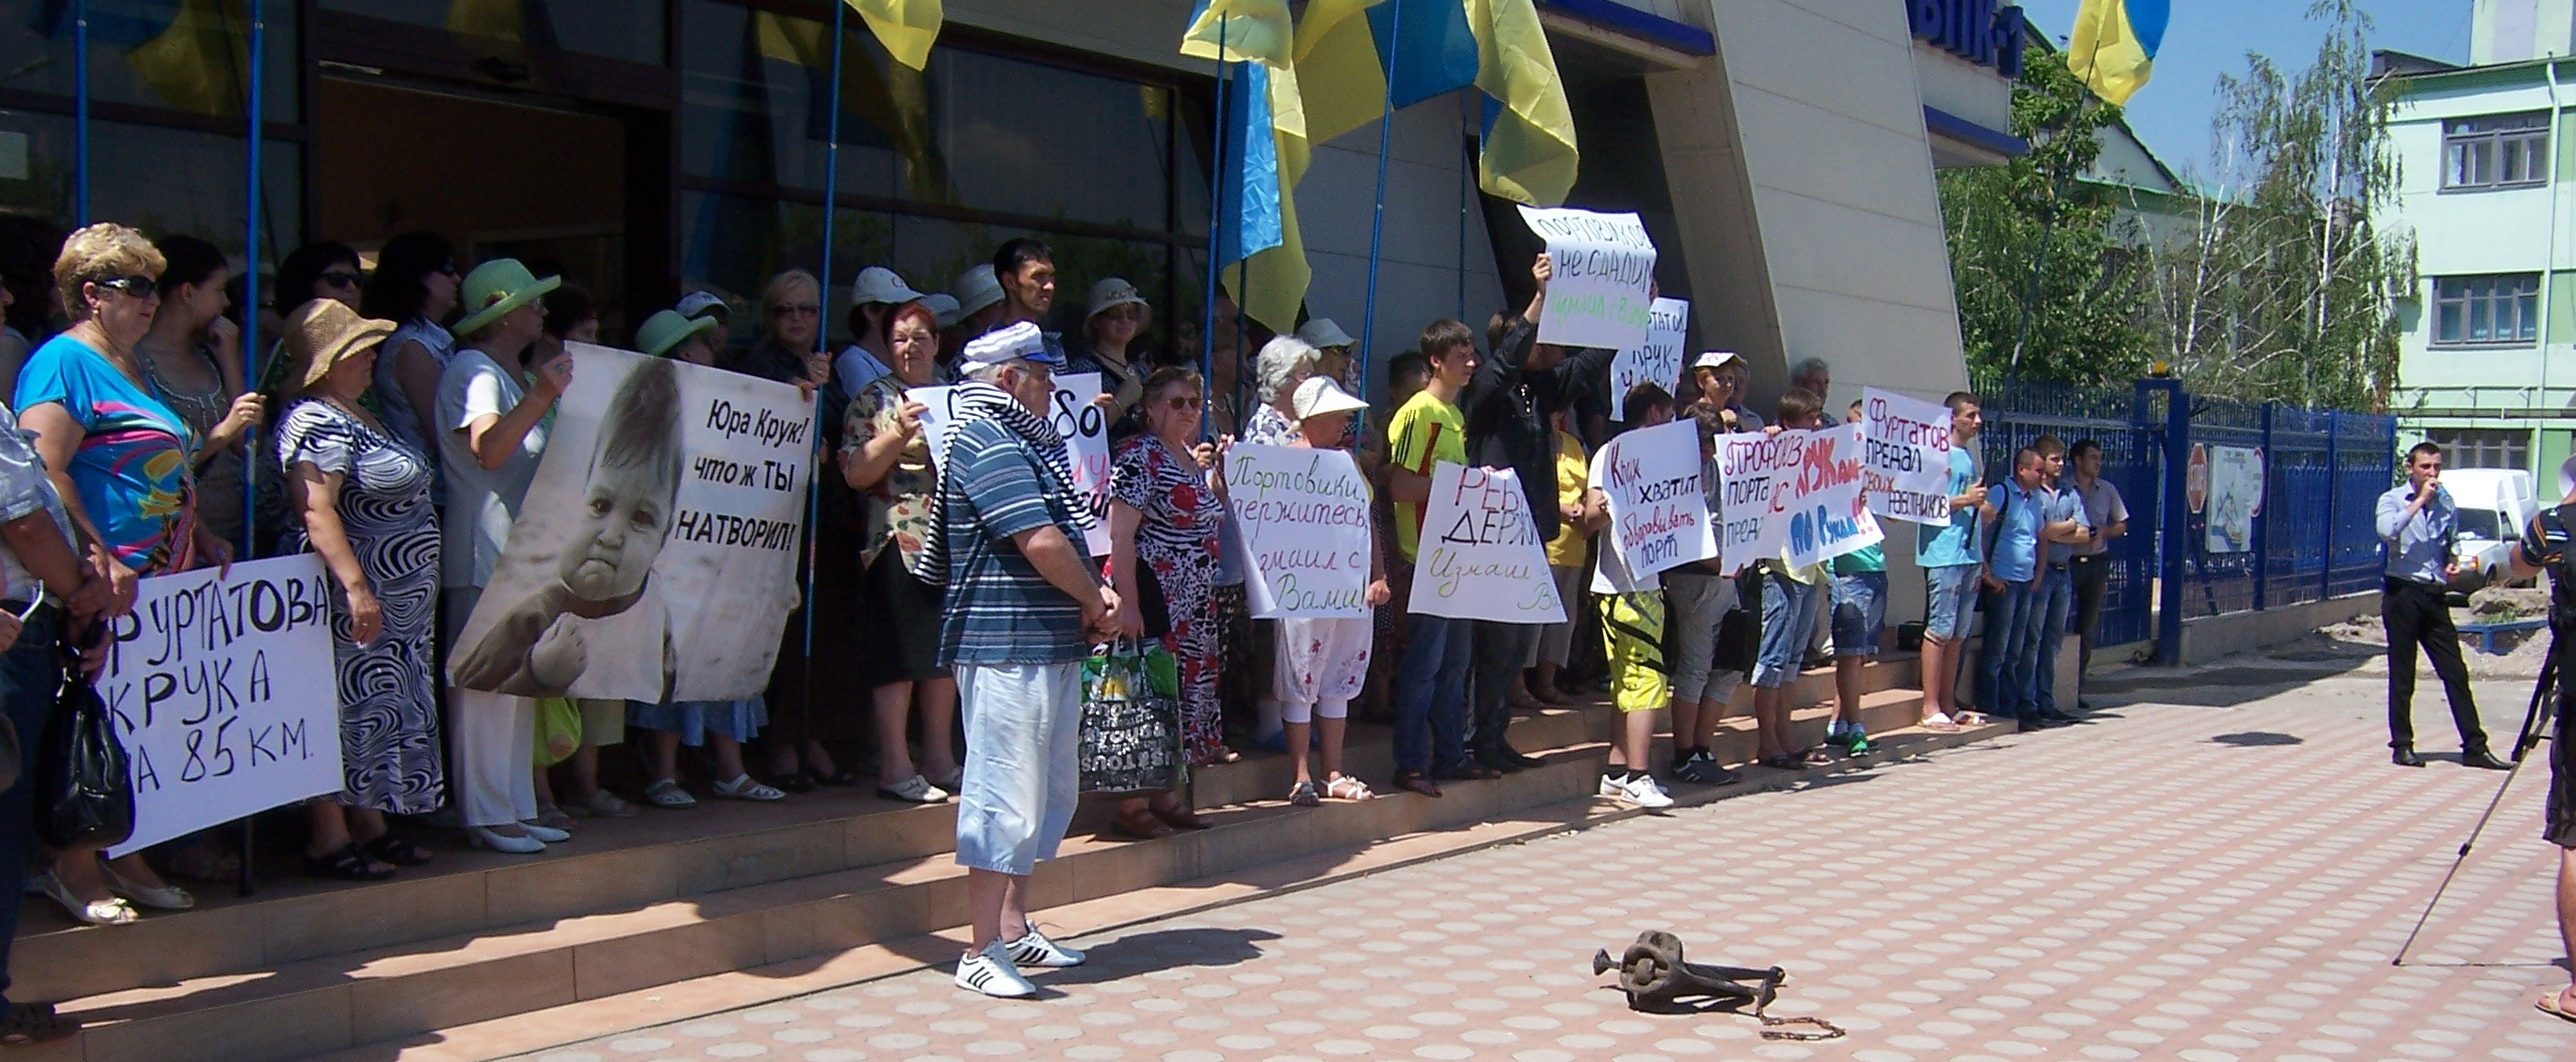 Измаильчане провели предупредительное пикетирование против репрессий в порту (фото, видео)